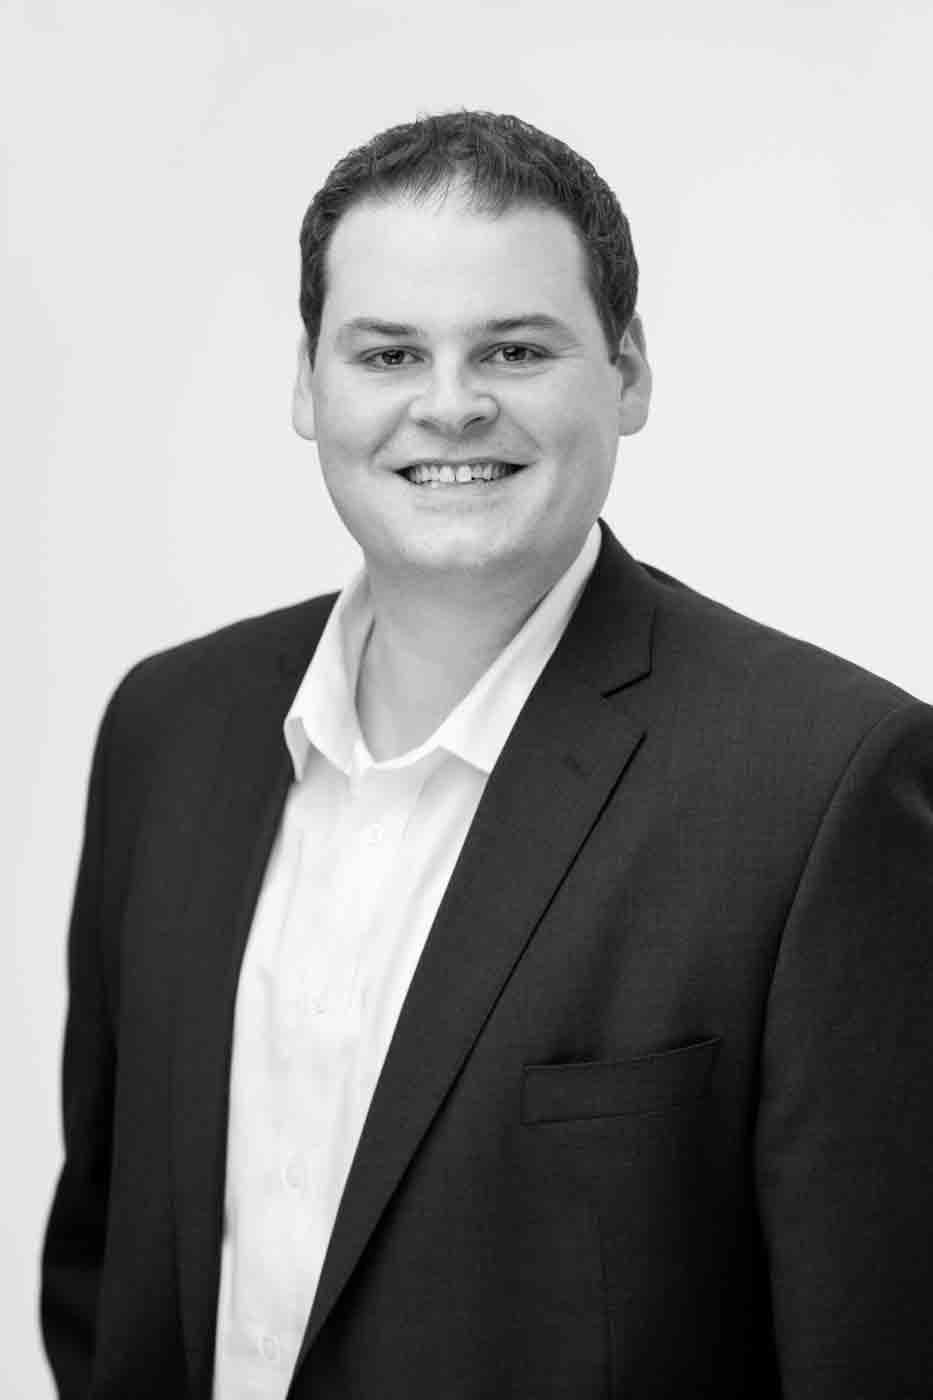 Brett Cheal, Managing Director of Asset Finance at Grow Finance